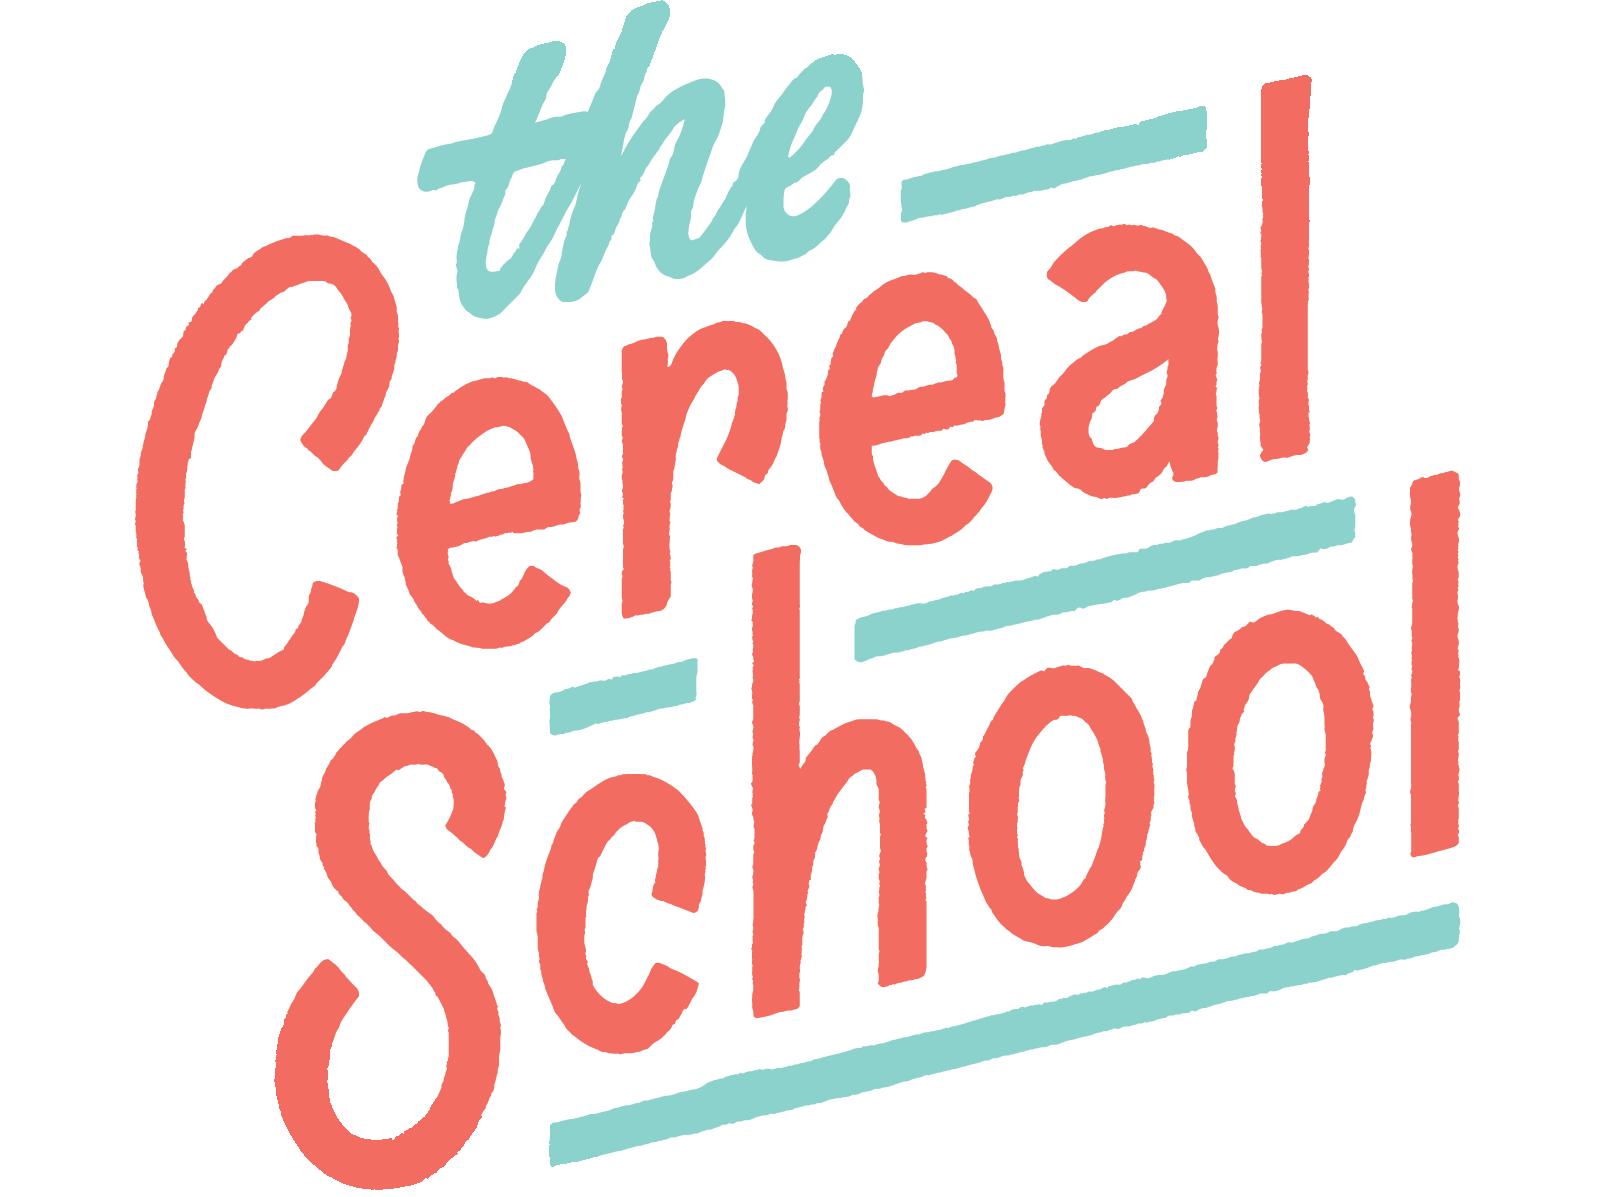 cereal-school